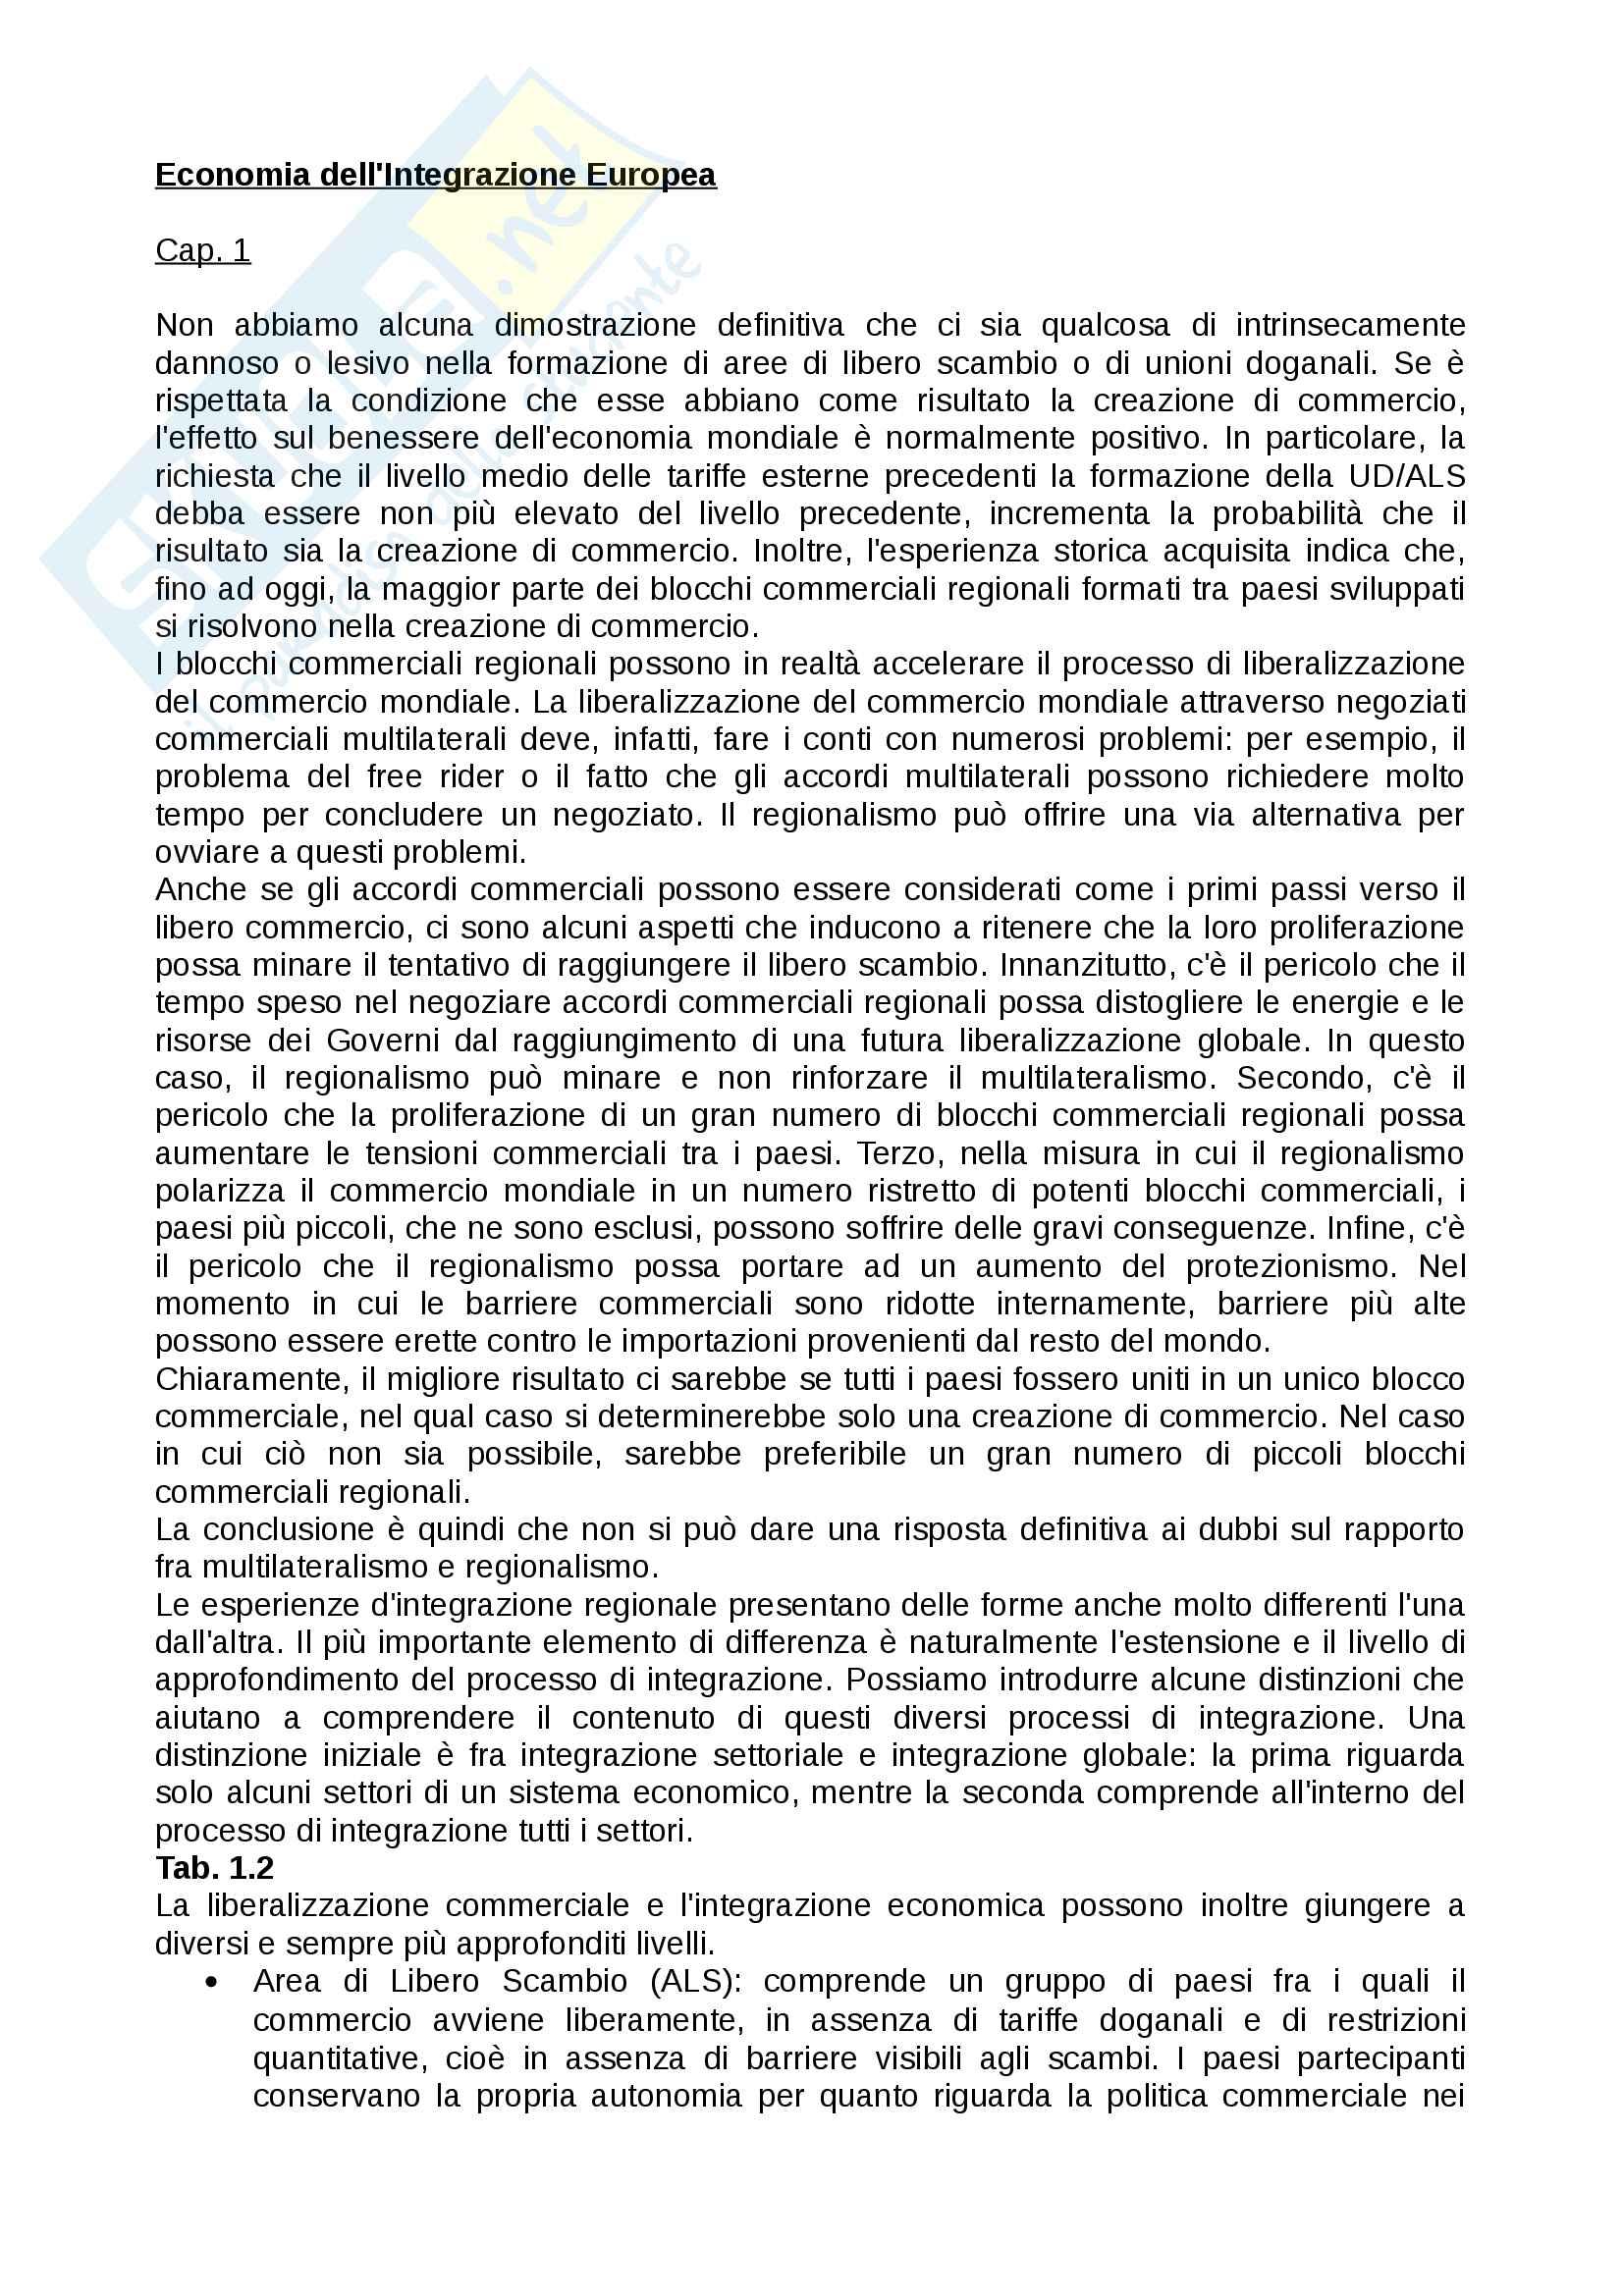 Appunti economia dell'integrazione europea - Orcalli - Unipd